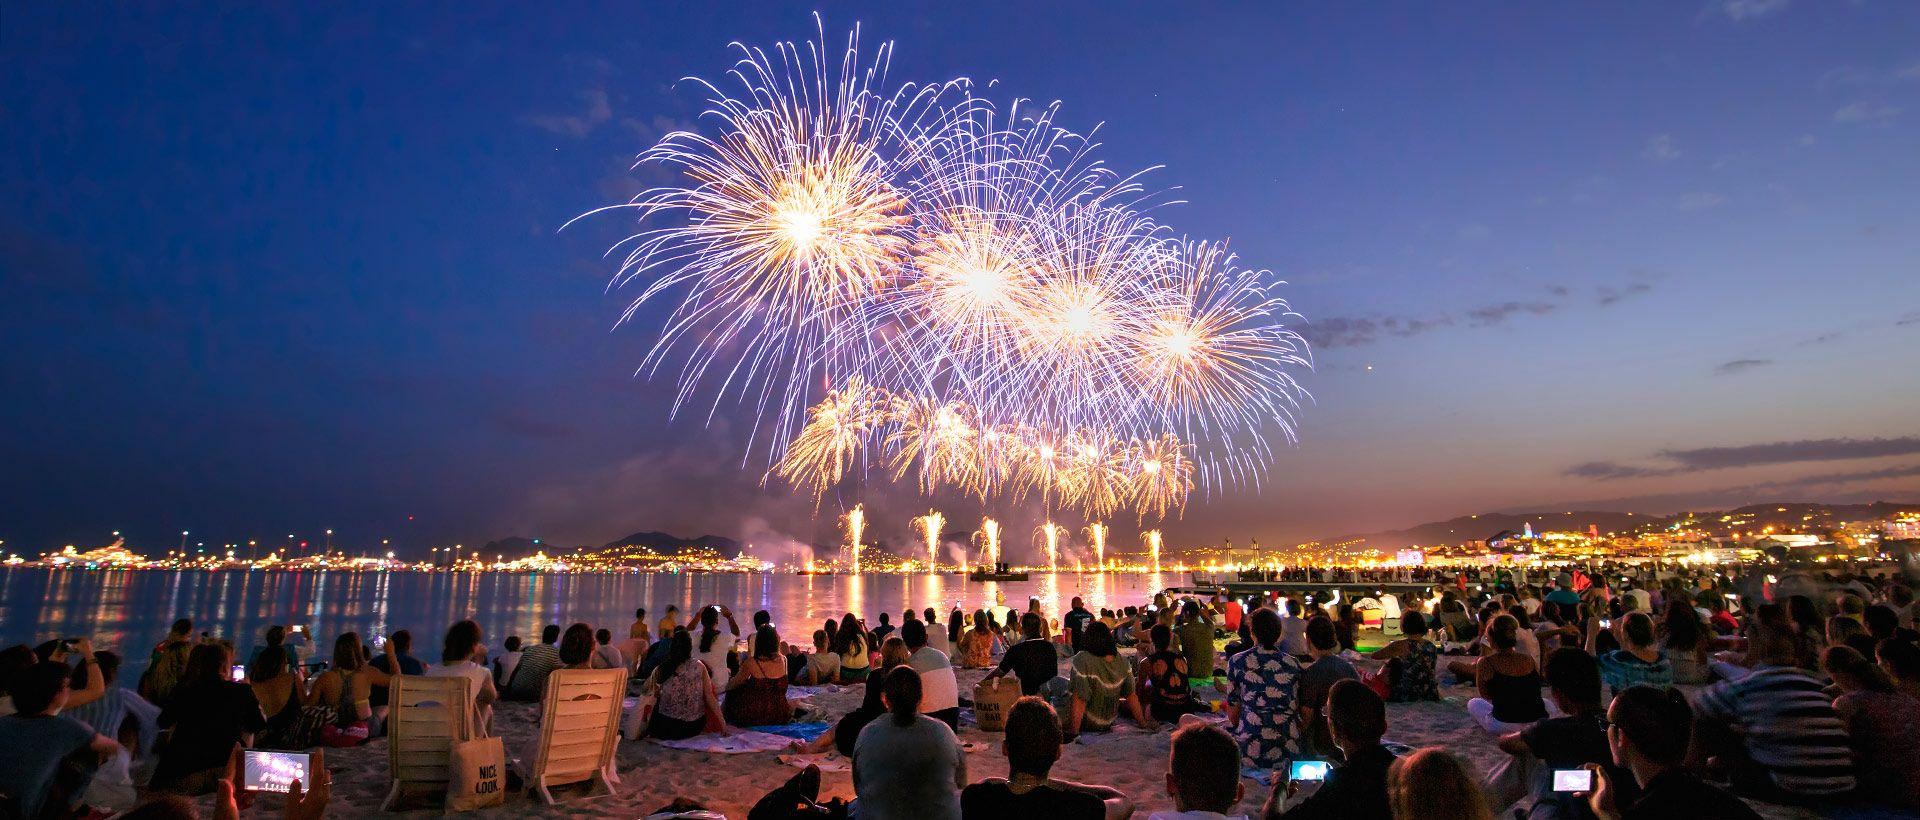 Camping Feuerwerksfestival in Cannes